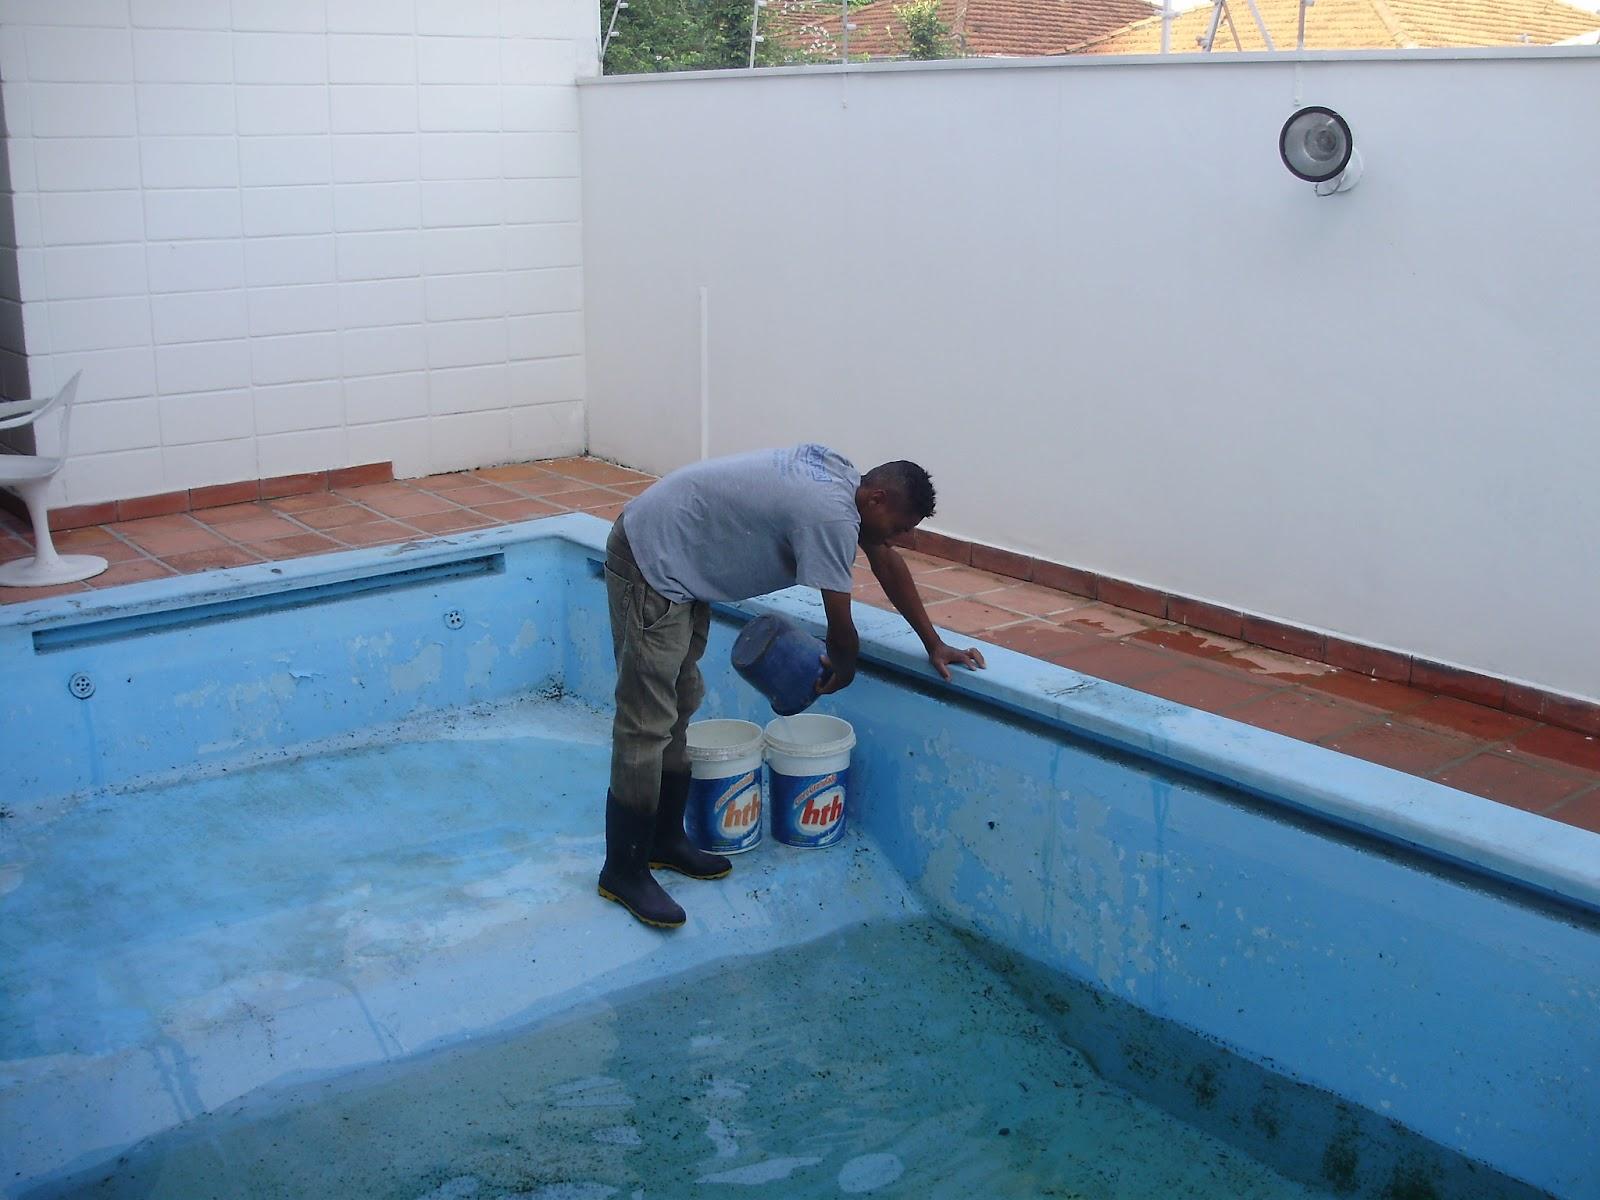 Cooper fibra com rcio de fibra ltda pintura de piscina de - Pintura de piscina ...